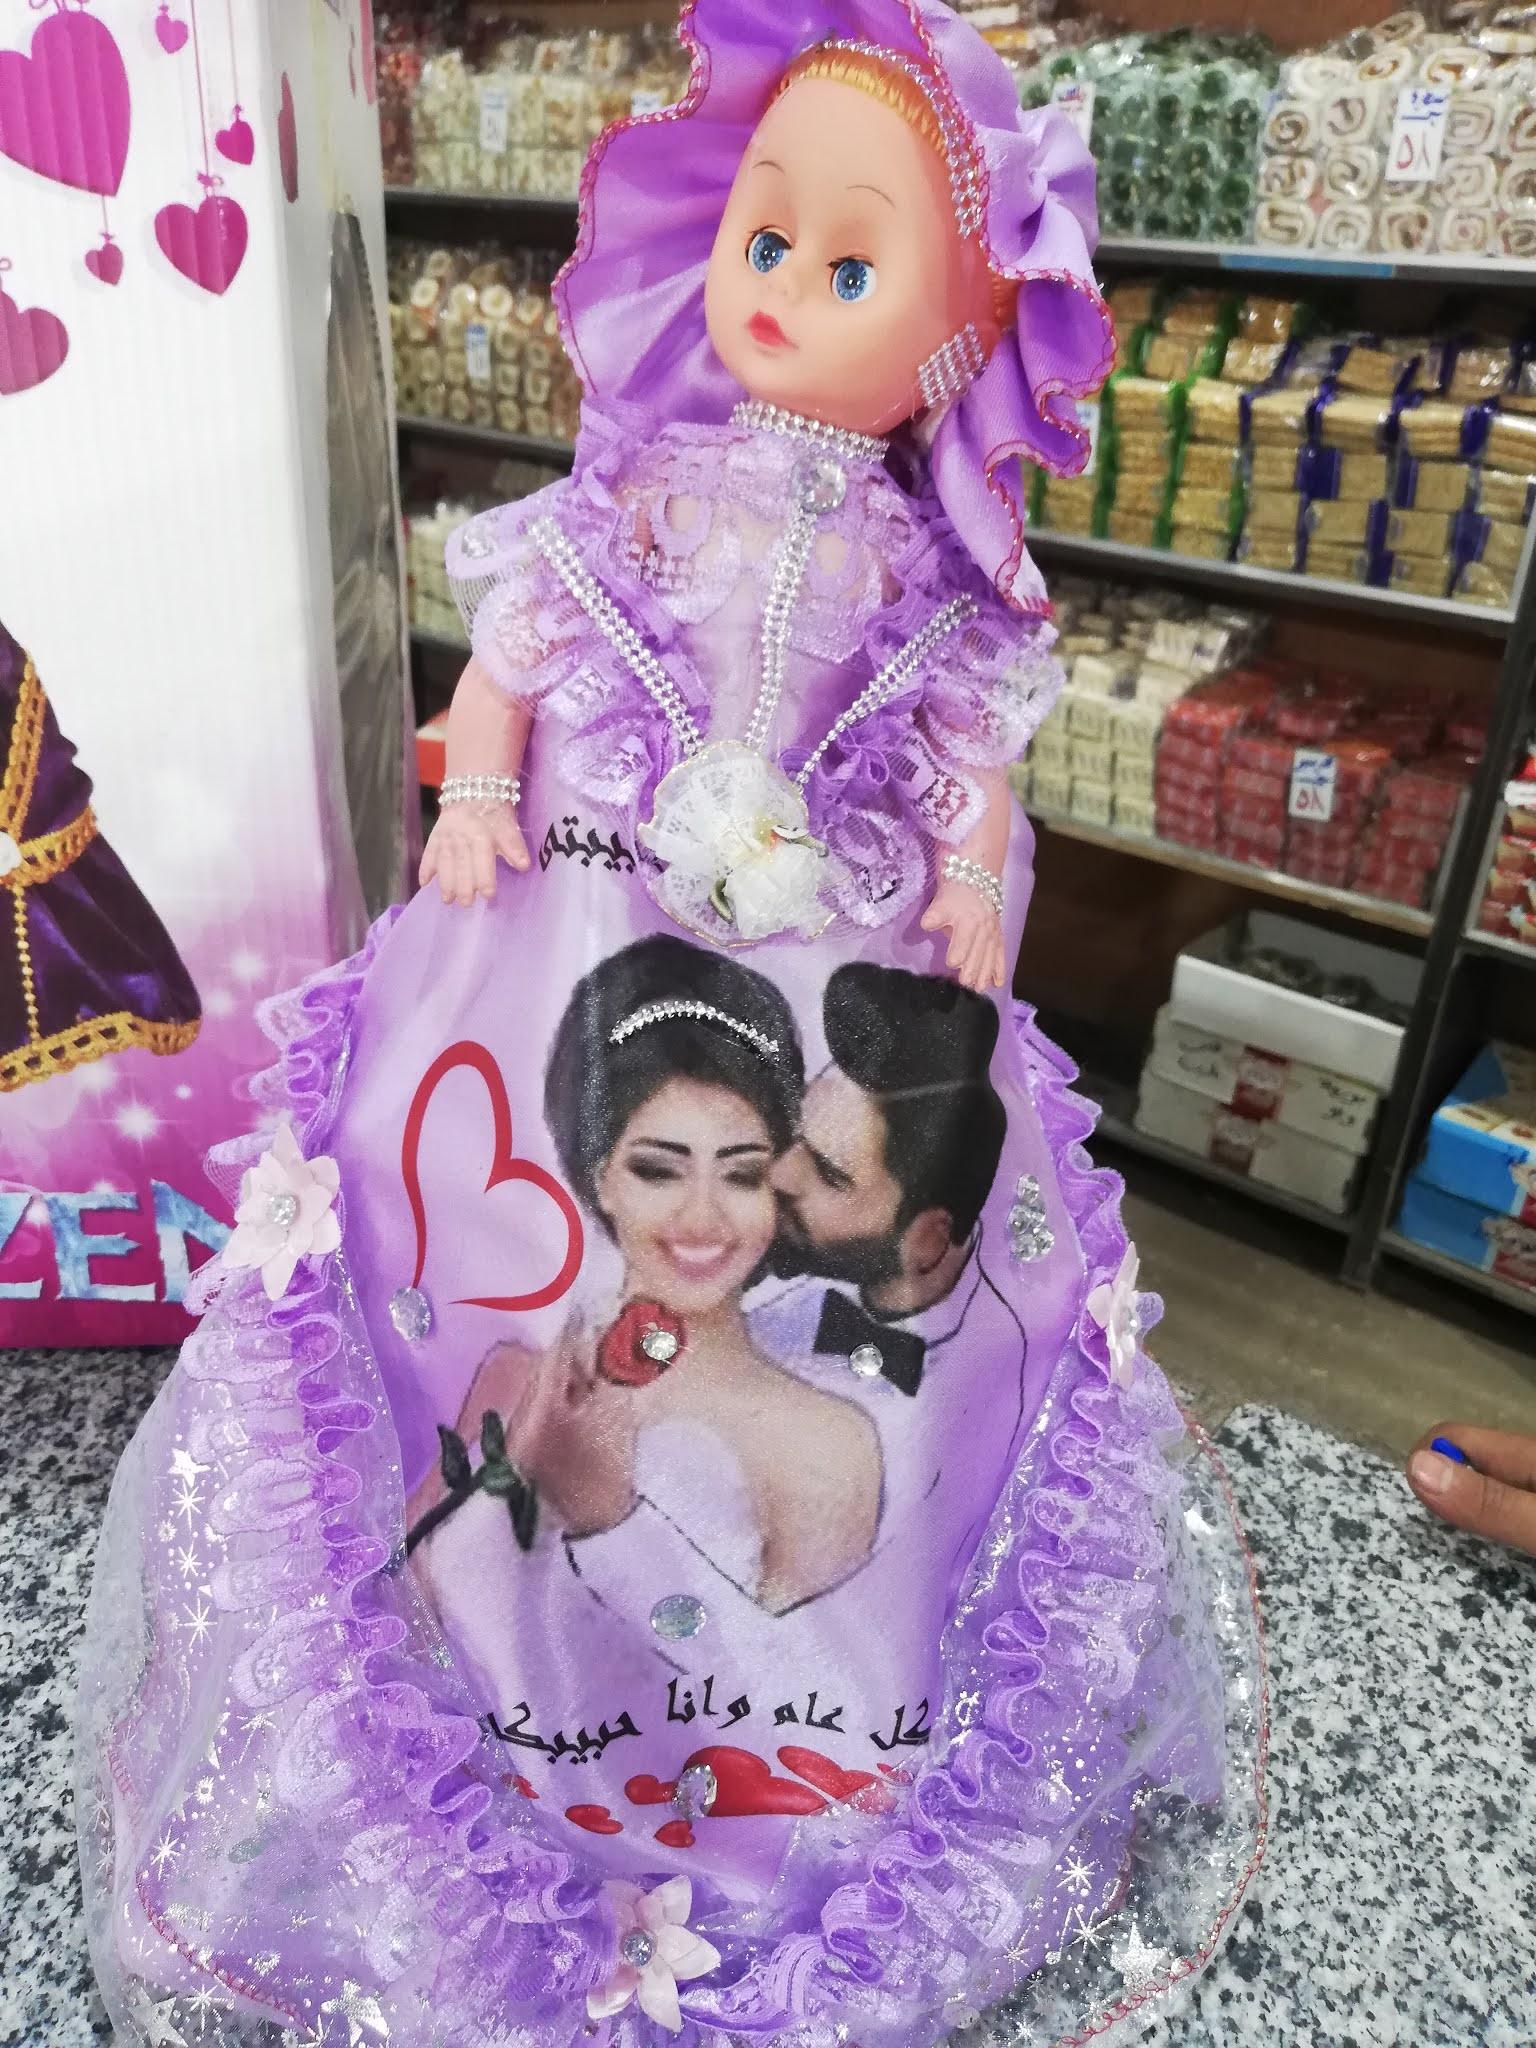 اسعار عروسة المولد النبوي الشريف 2021-1443 - بكام سعر عروسة المولد بالفستان الهدية بالصور